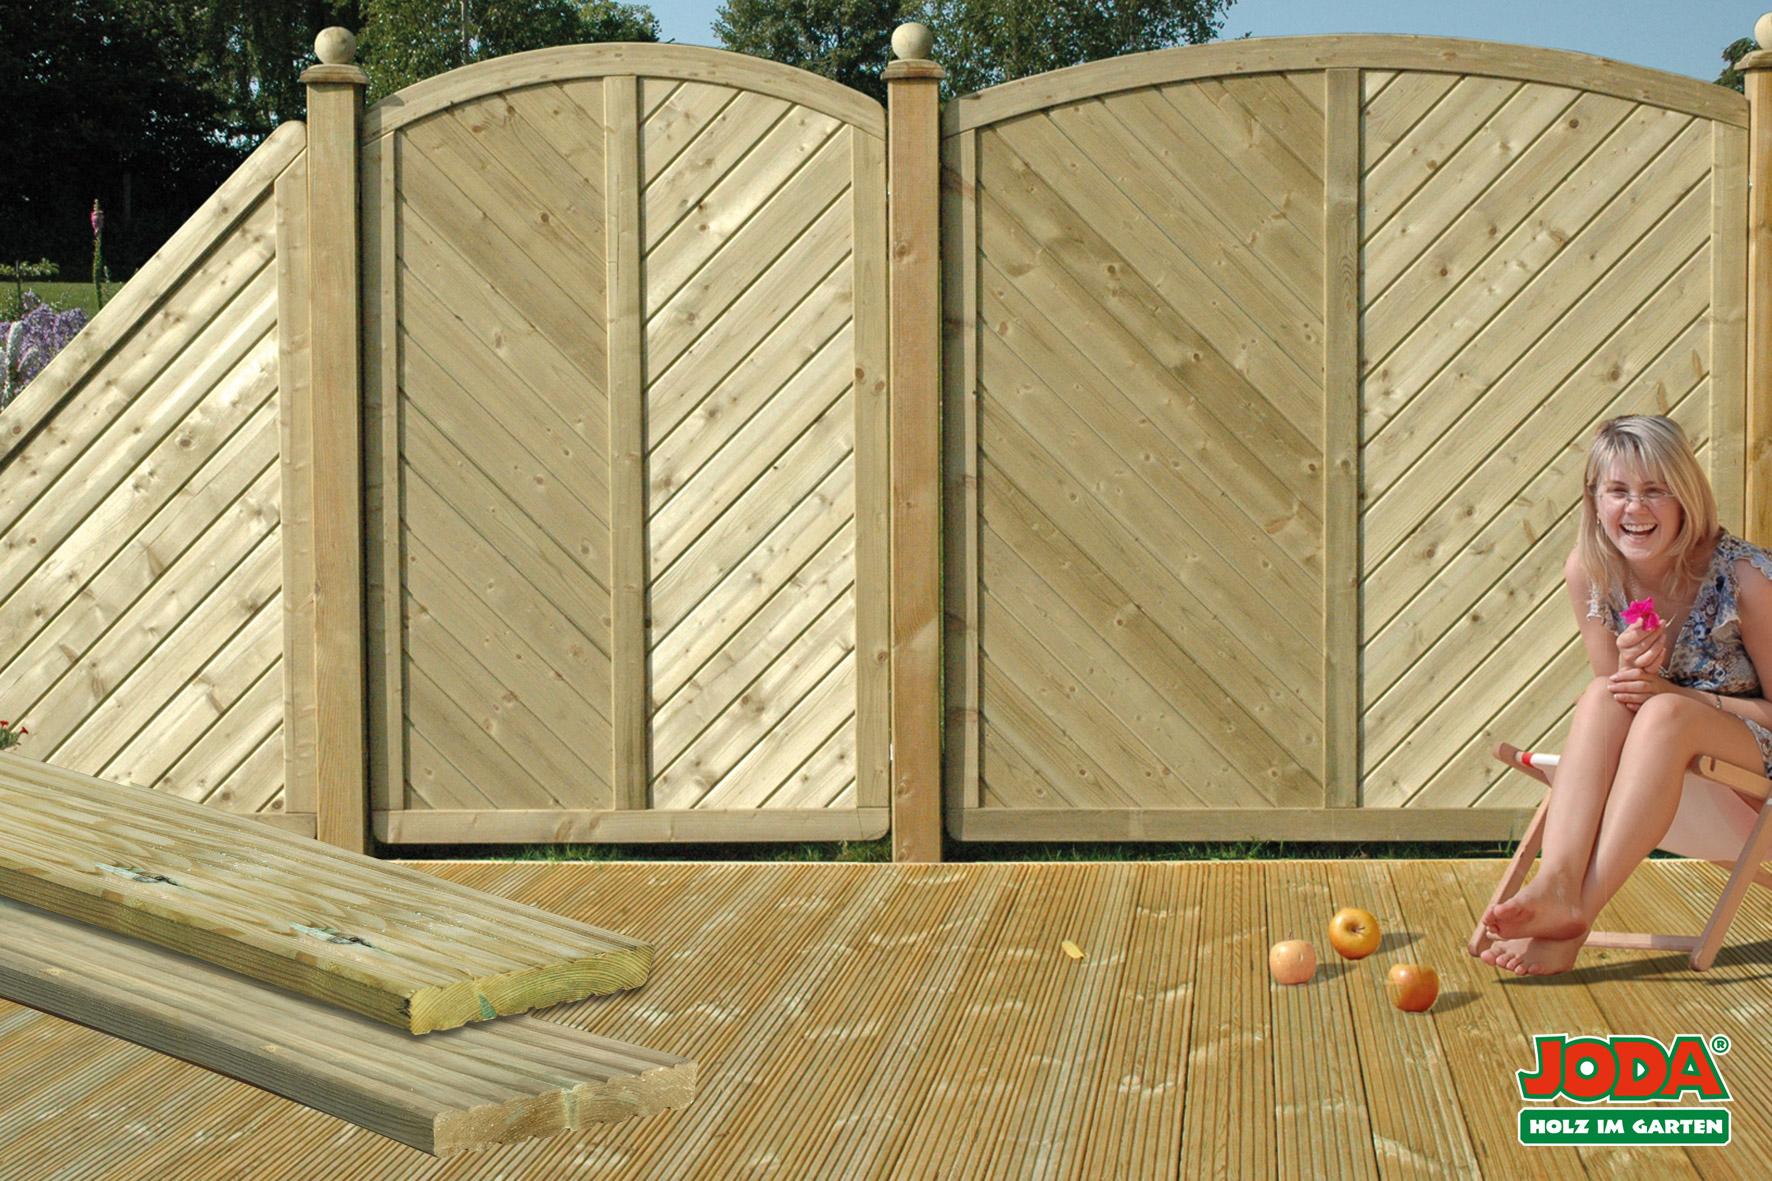 Komplett-Terrasse Kiefer KDI Fläche 3 x 3 m Dielenmaß 27 x 145 mm